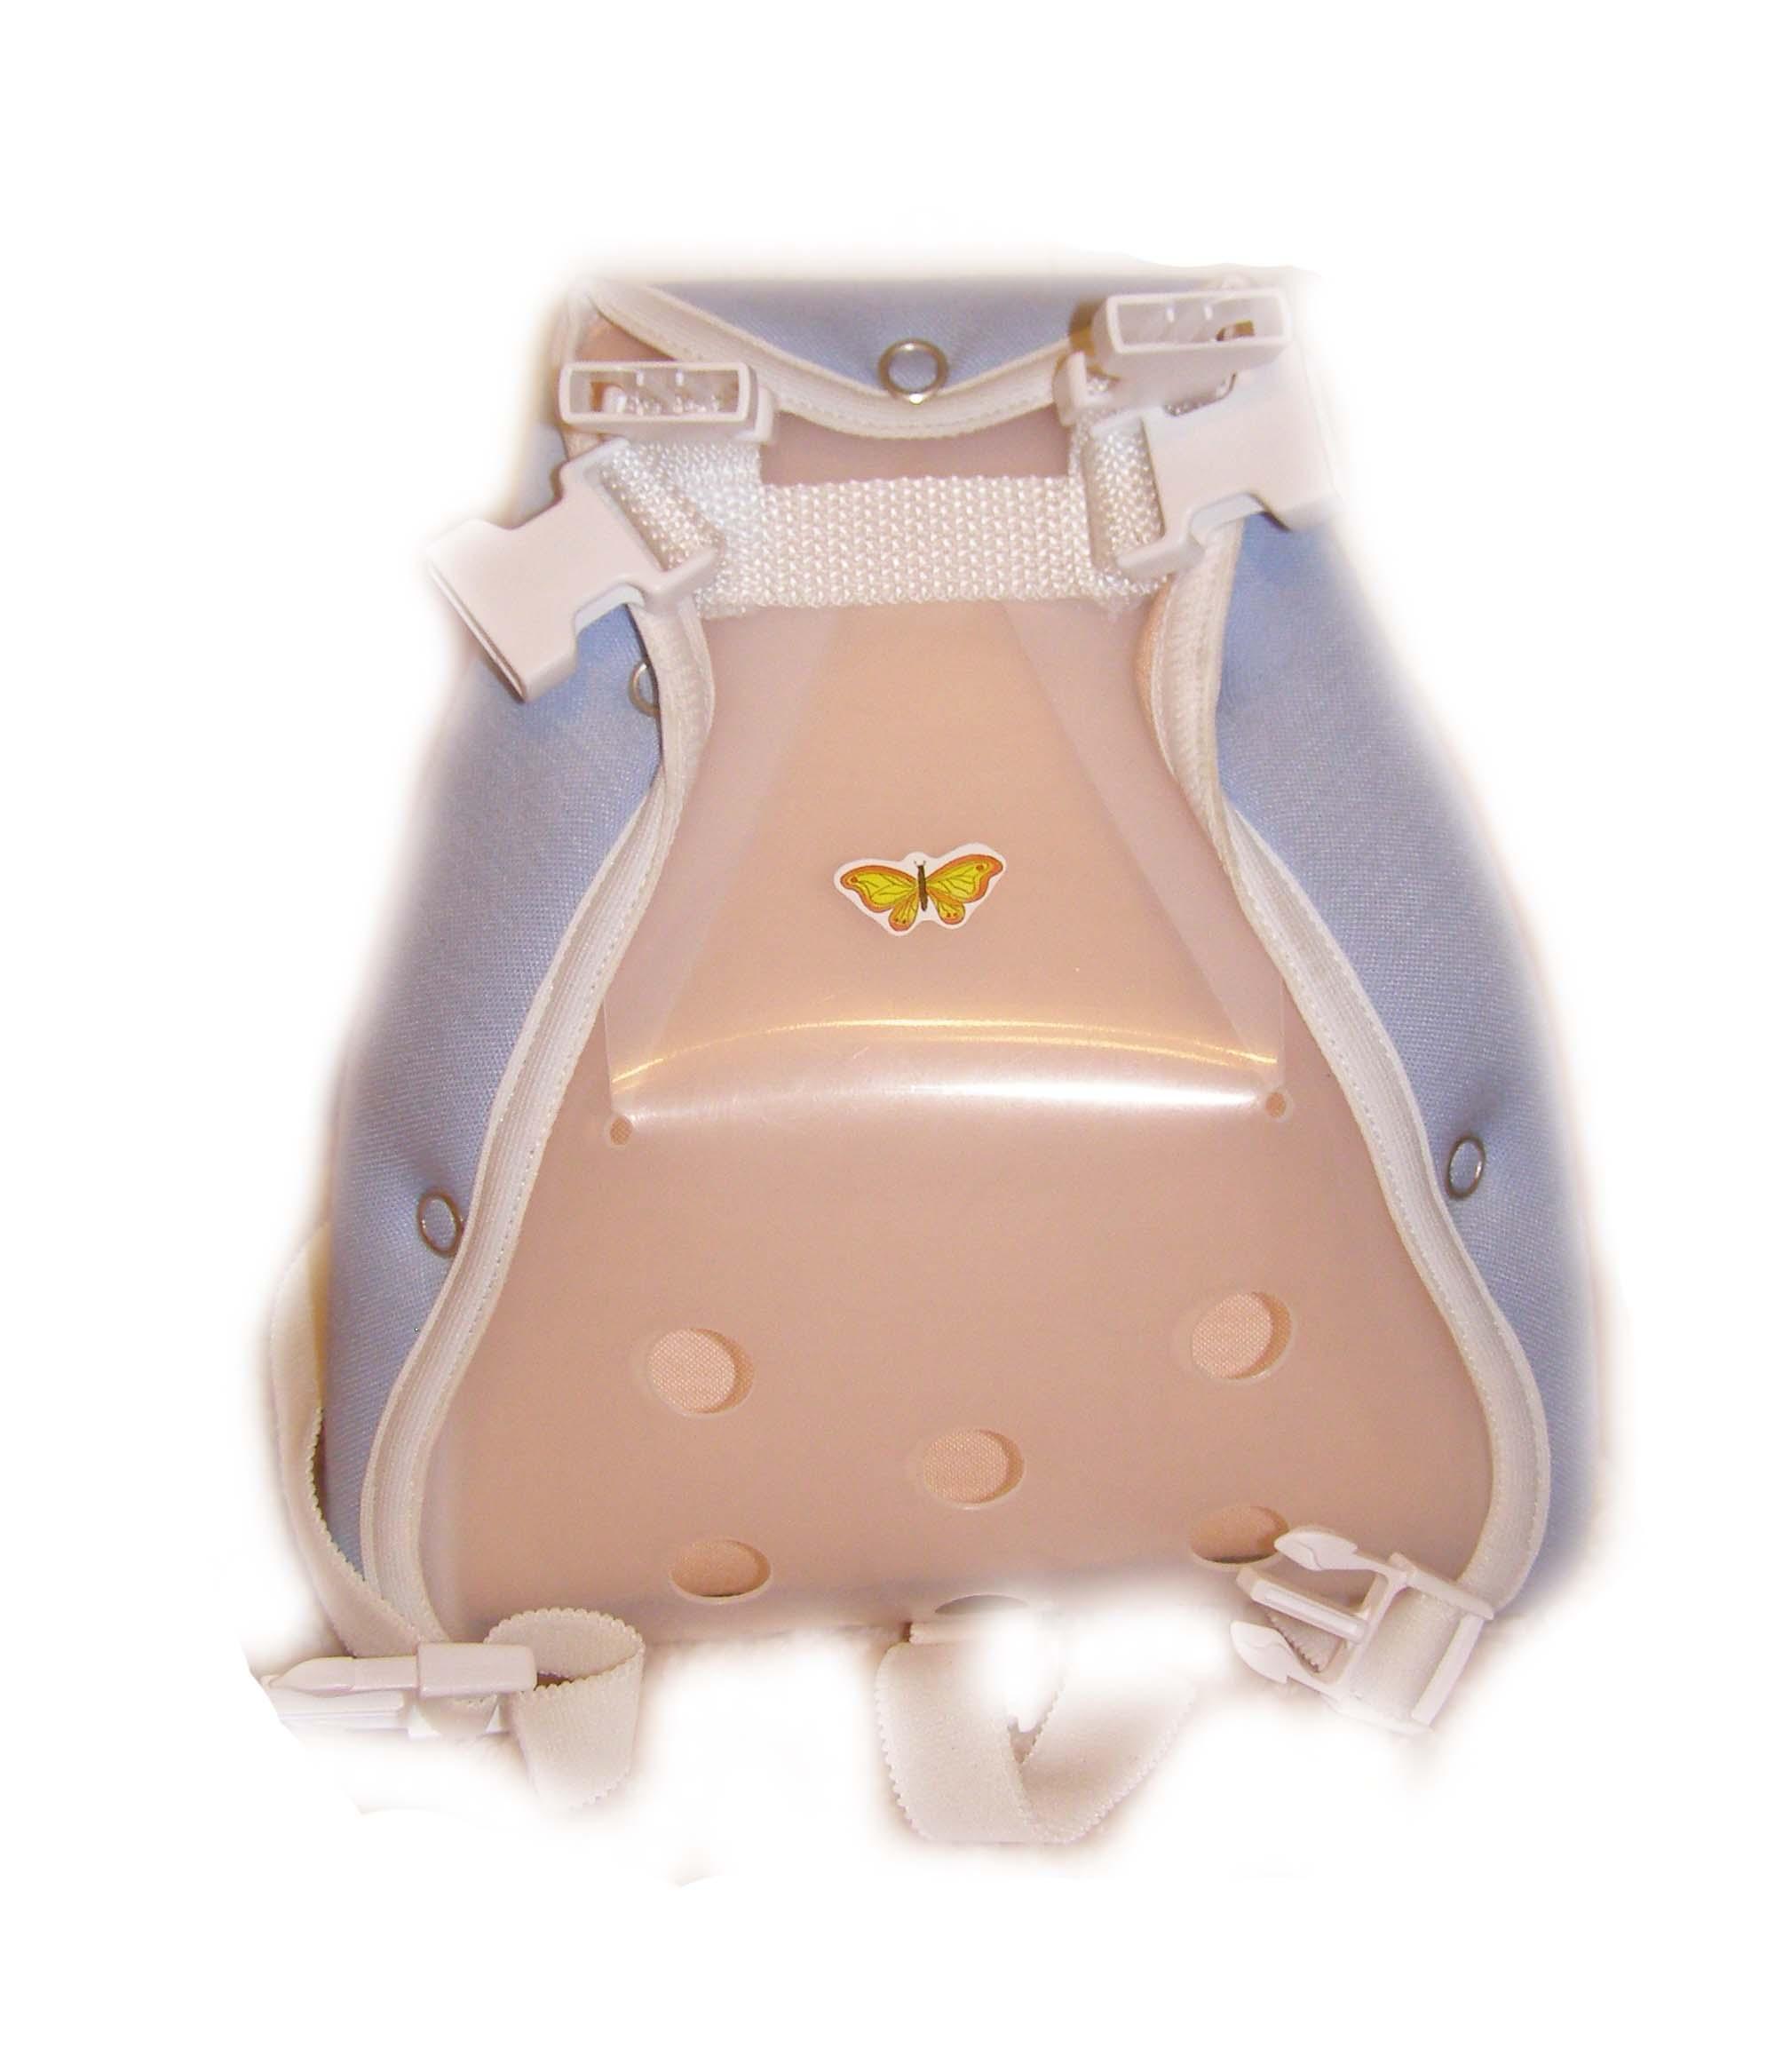 Ортопедический корректор для тазобедренных суставов для детей заболевание суставов коксоартроз